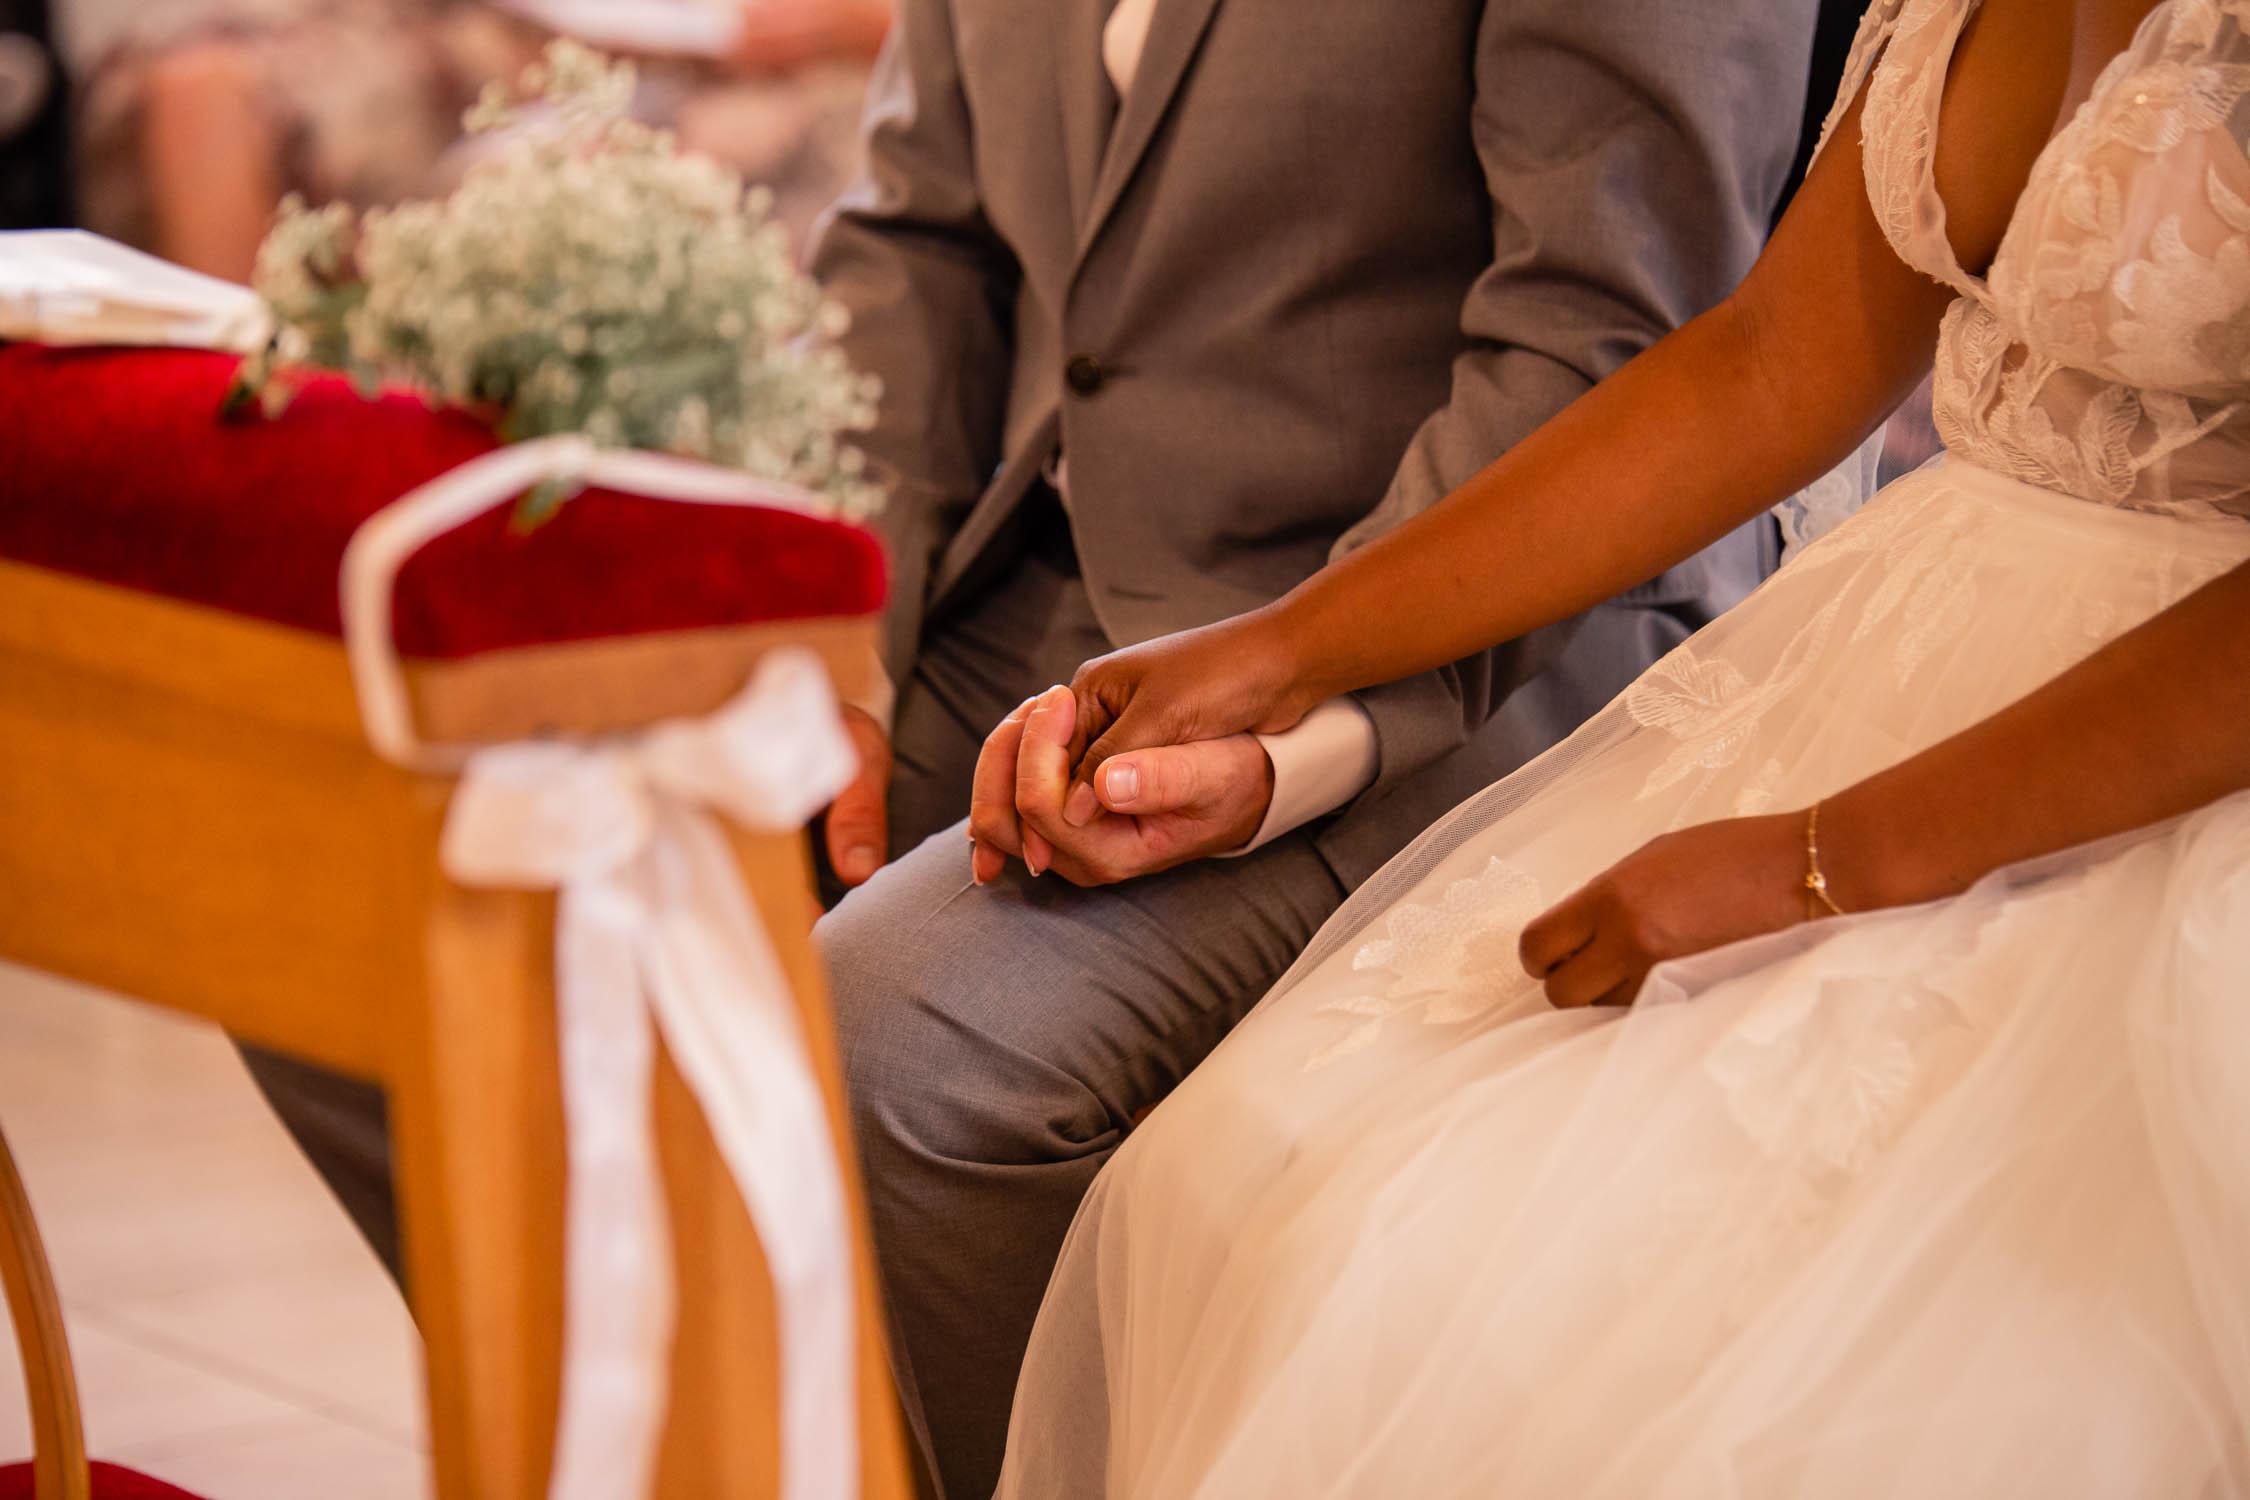 Authentische Hochzeitsfotografie Hochzeitsfotograf Koeln Andre Bastos Fotoggrafie 9 min – gesehen bei frauimmer-herrewig.de